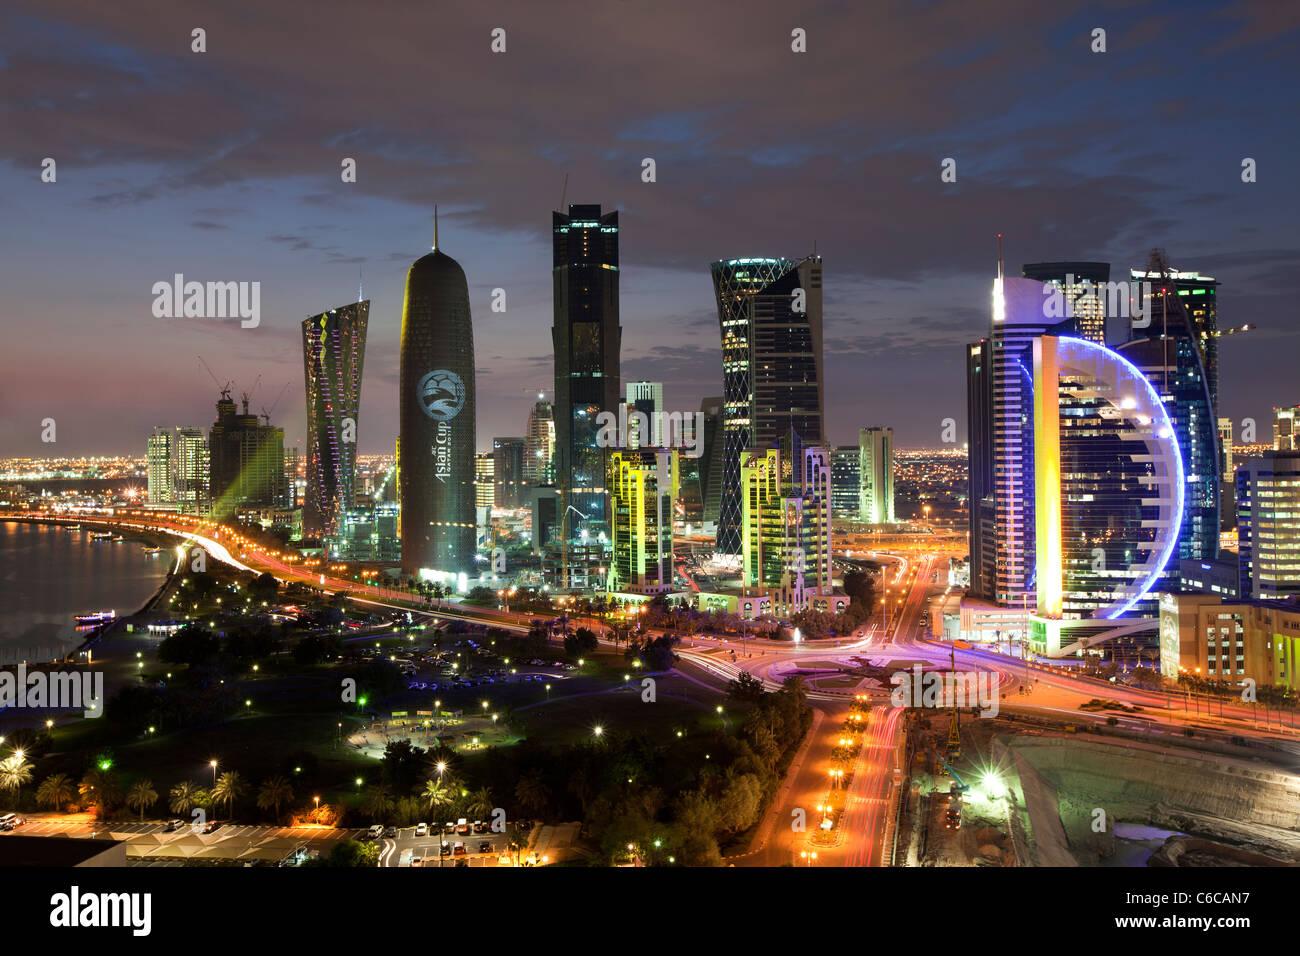 Qatar, en Oriente Medio, la Península Arábiga, Doha, nuevo horizonte del distrito financiero central de West Bay de Doha Foto de stock